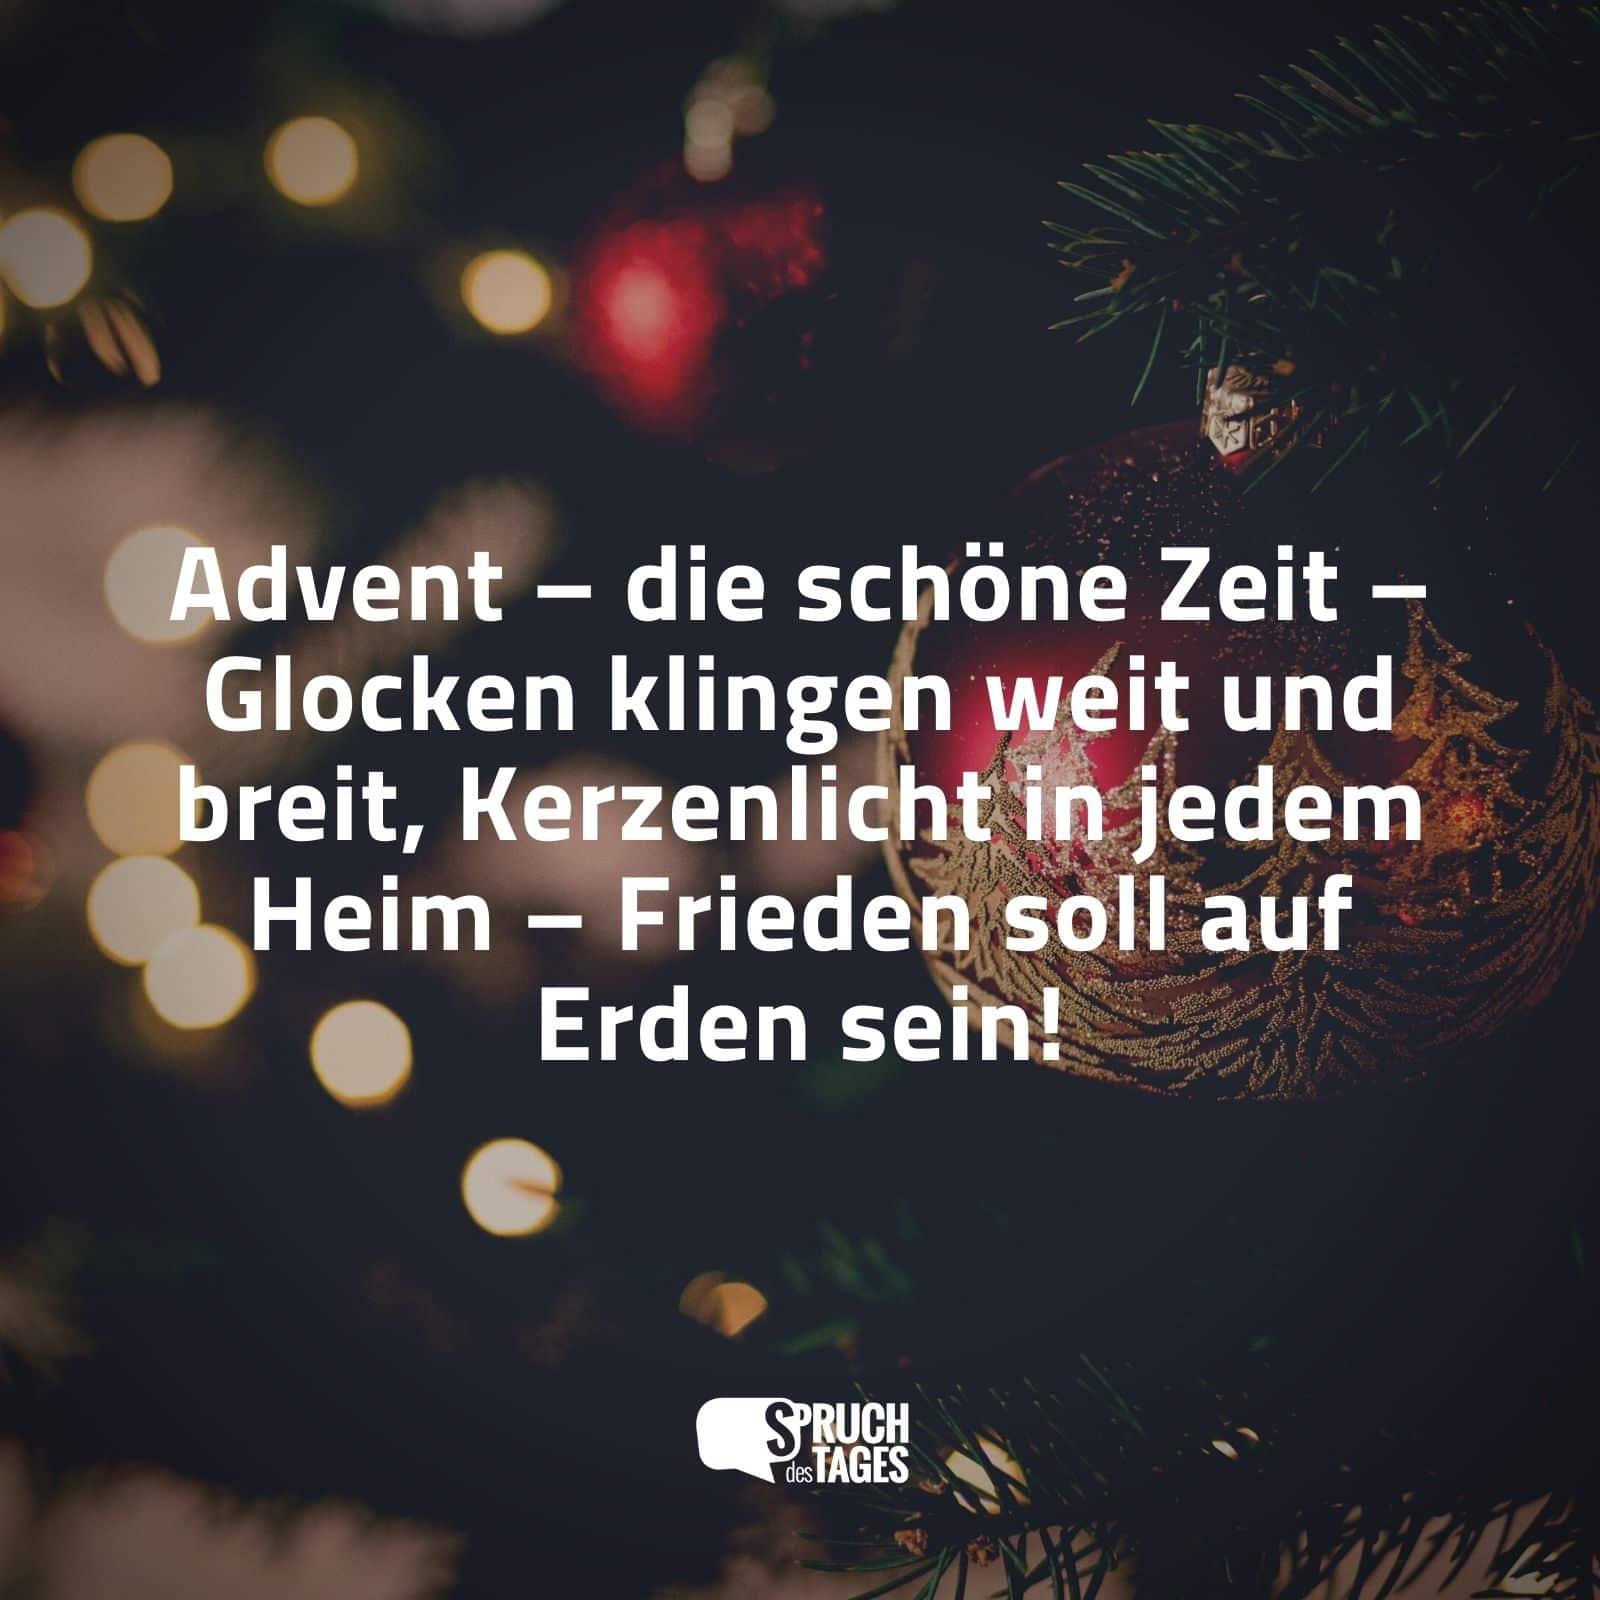 Schöne 4 Advent Sprüche Advent Sasoma